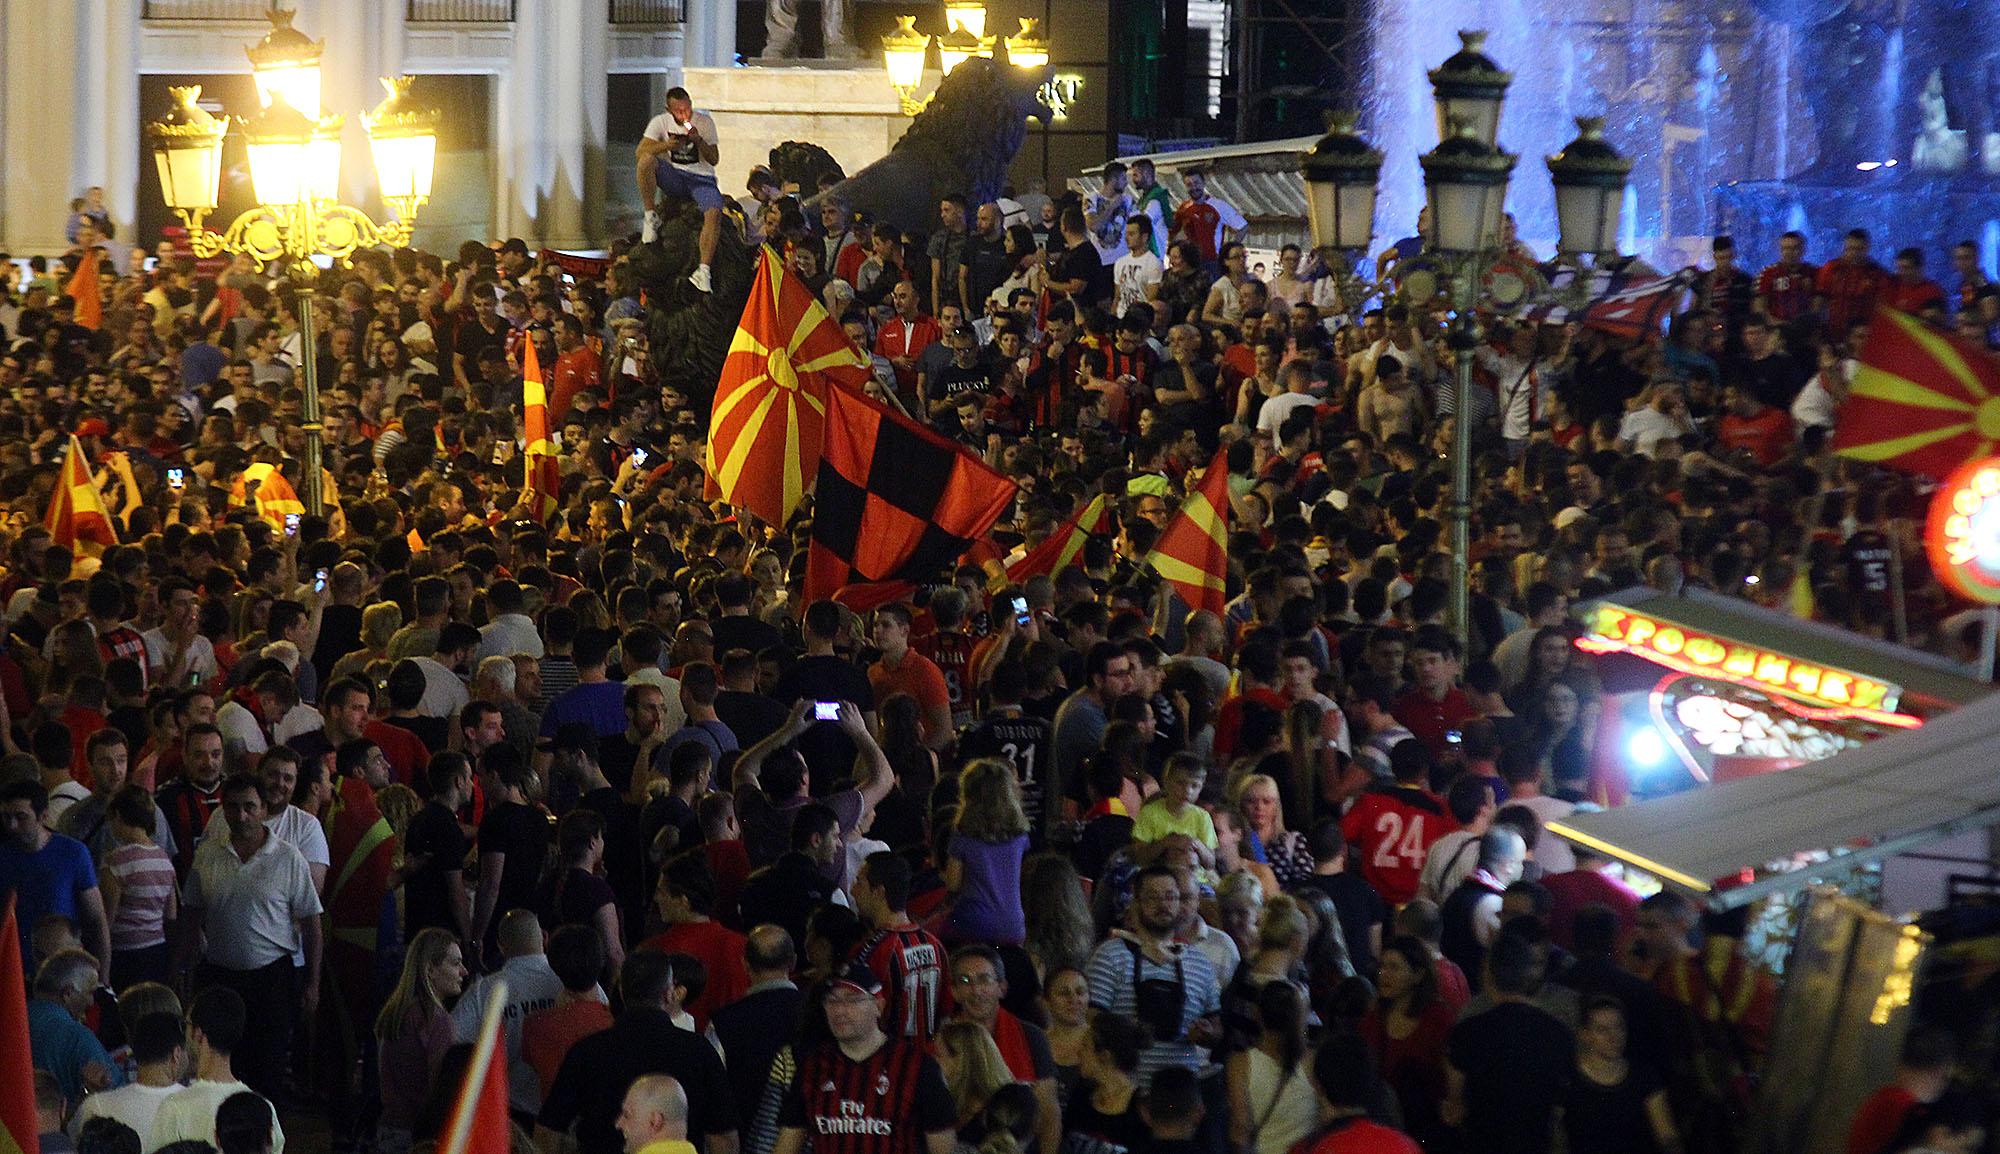 СЕ СЛАВЕШЕ НА ПЛОШТАД: Европскиот првак Вардар ги извади скопјани на улица (ФОТОГАЛЕРИЈА)